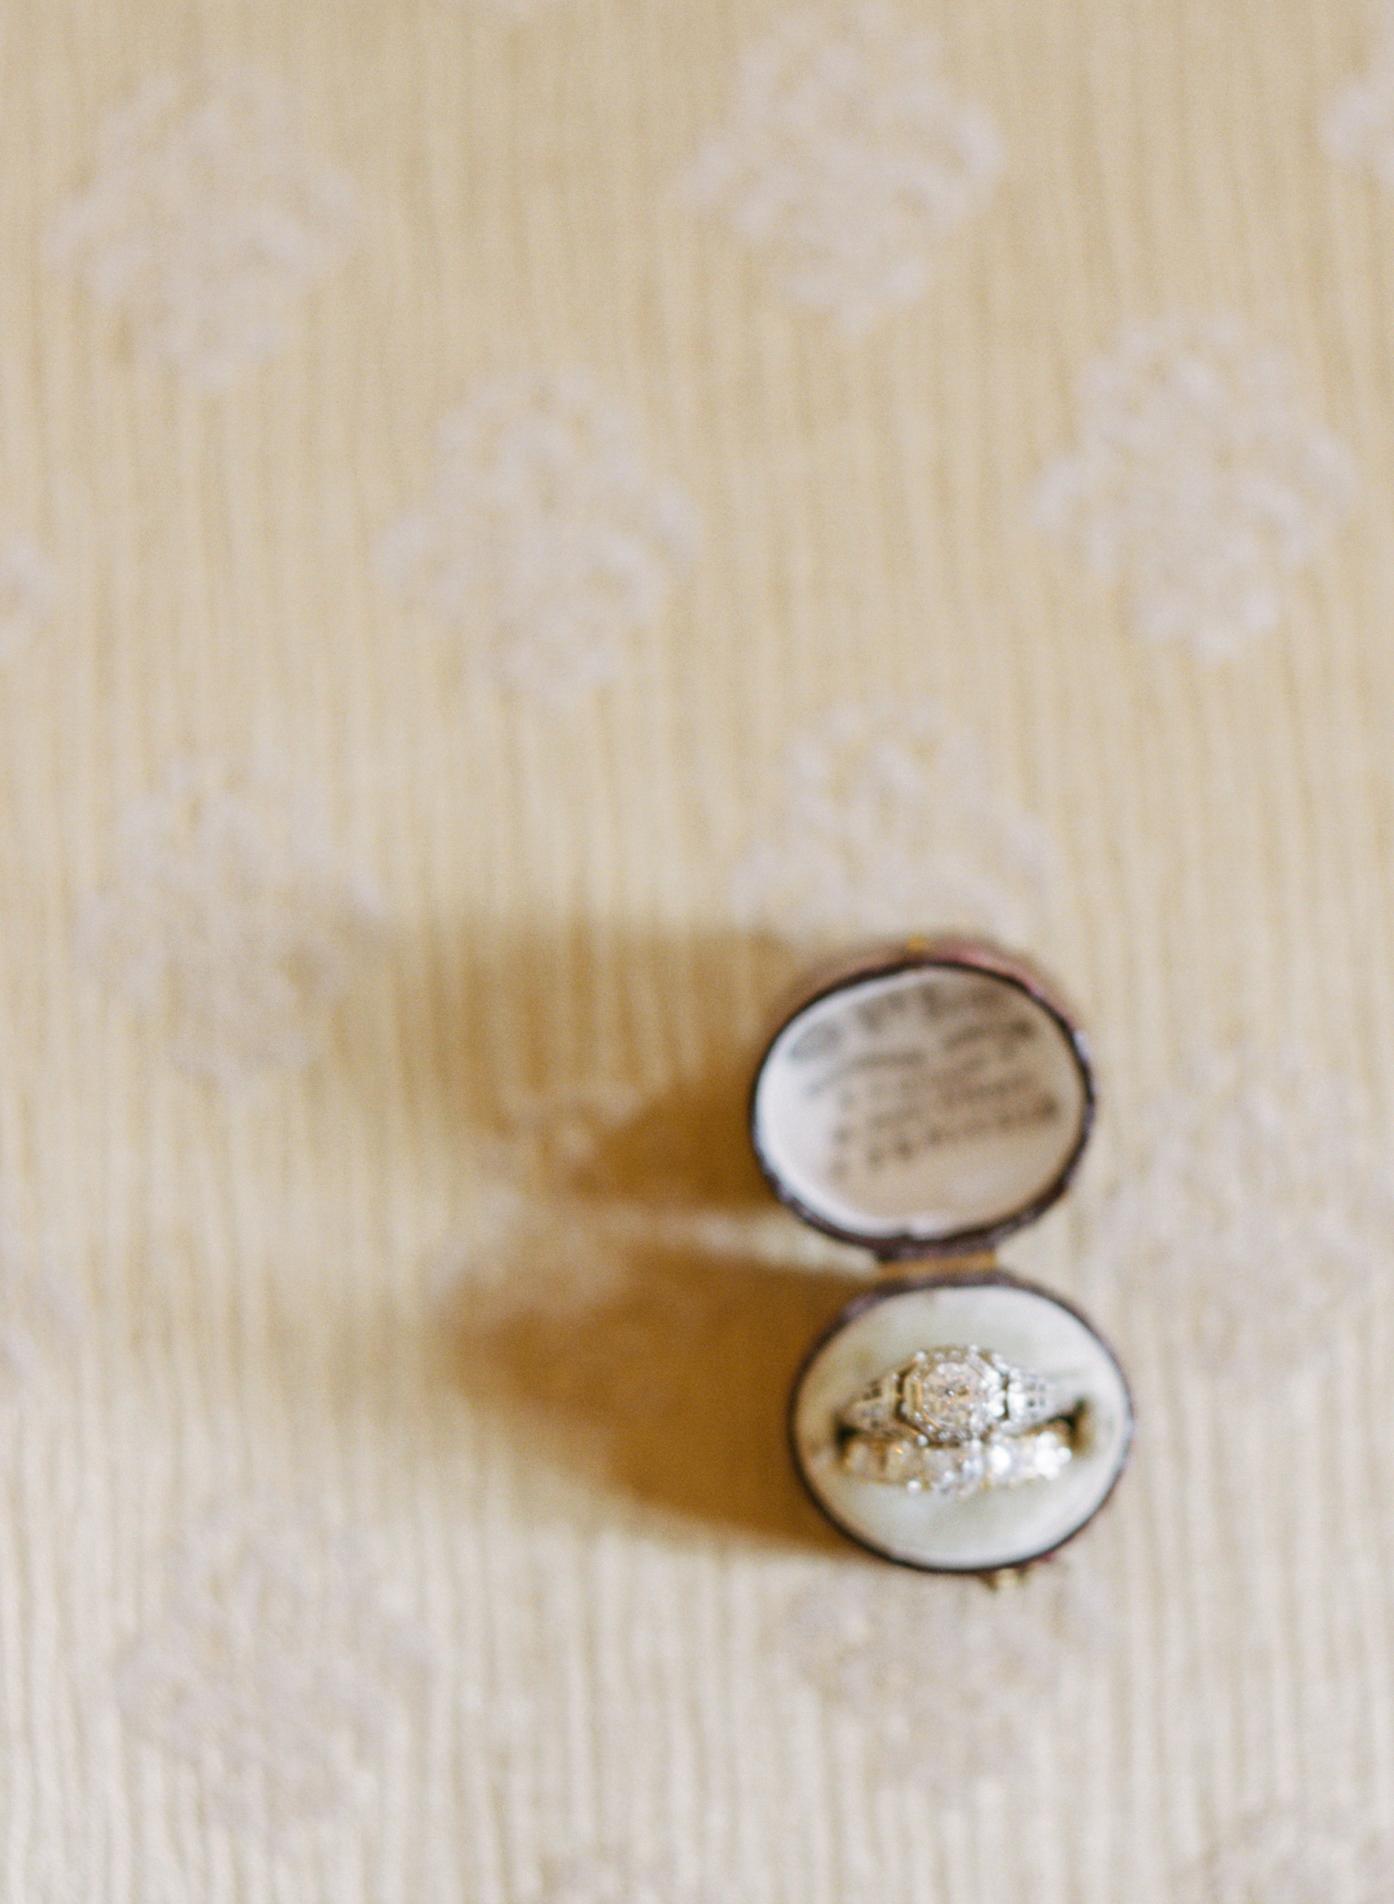 vintage wedding ring box - elizabeth anne designs: the wedding blog